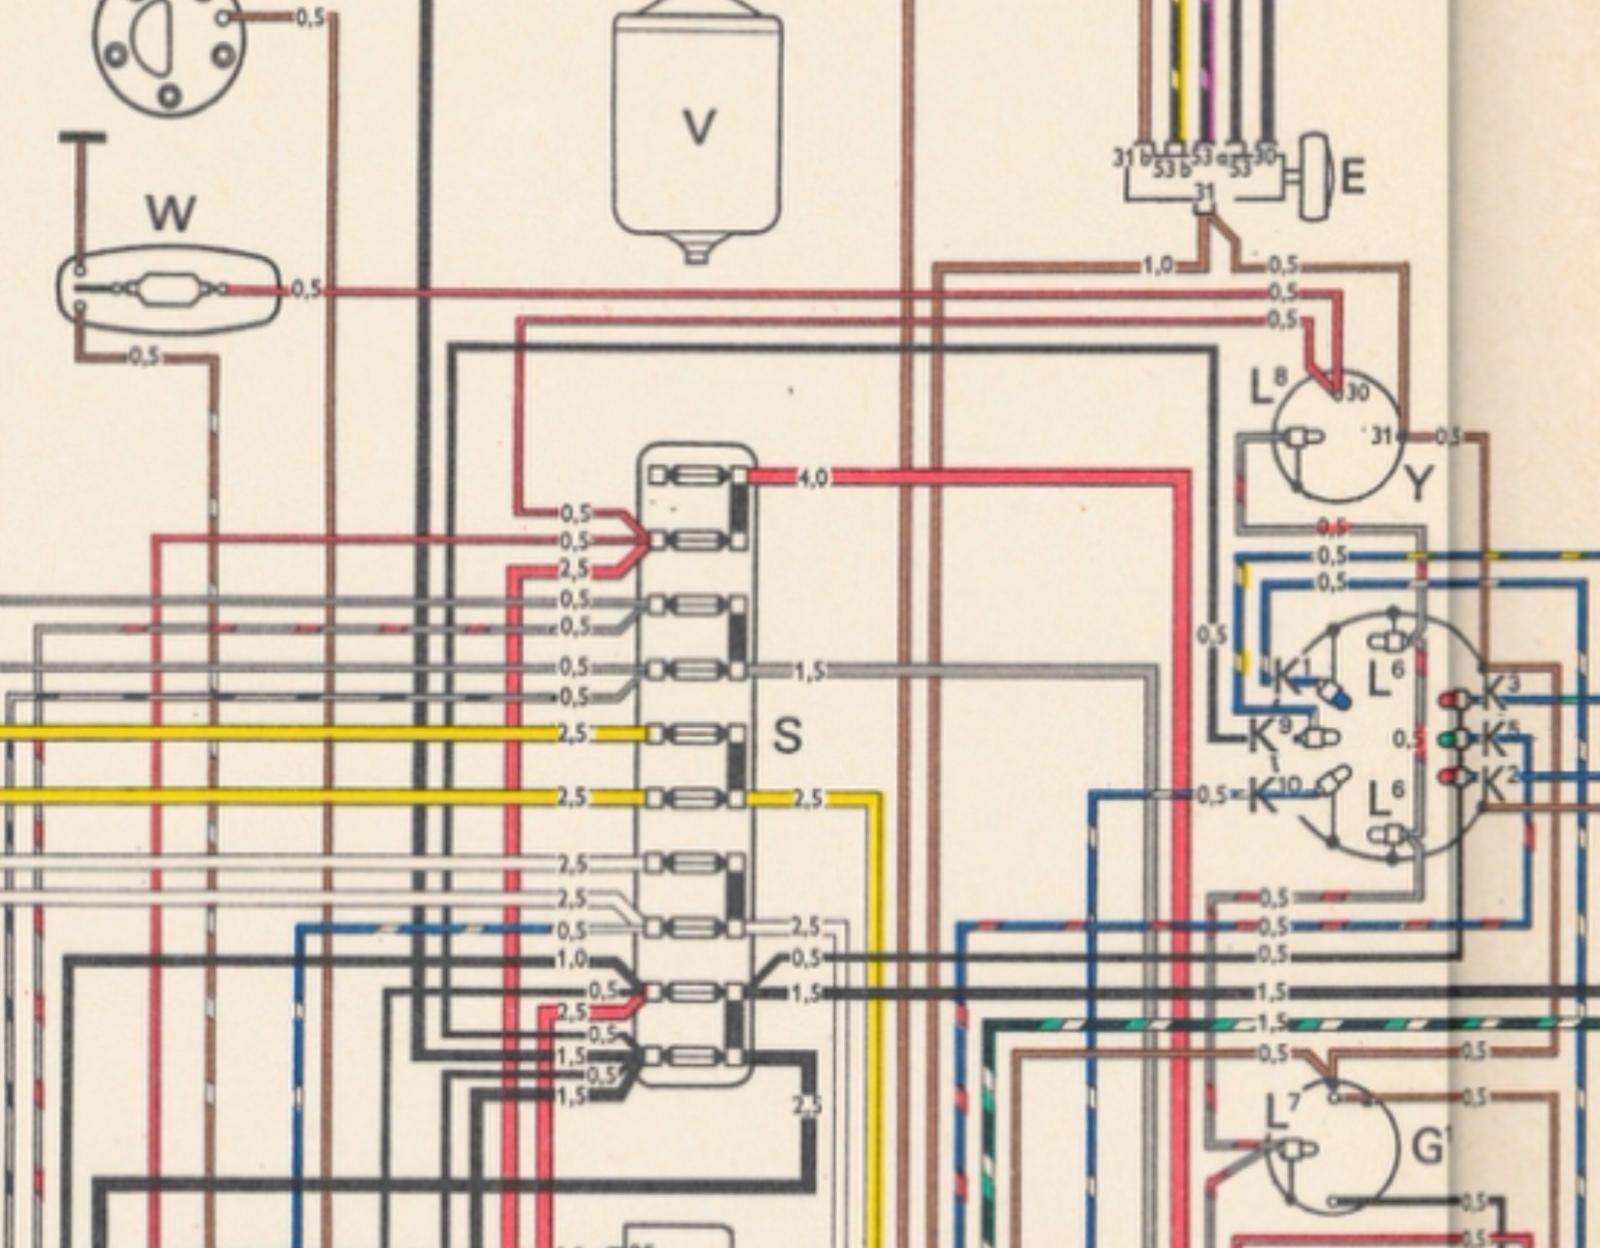 hight resolution of vdo clock wiring diagram trusted wiring diagram vdo clock wiring diagram vdo clock wiring diagram wiring